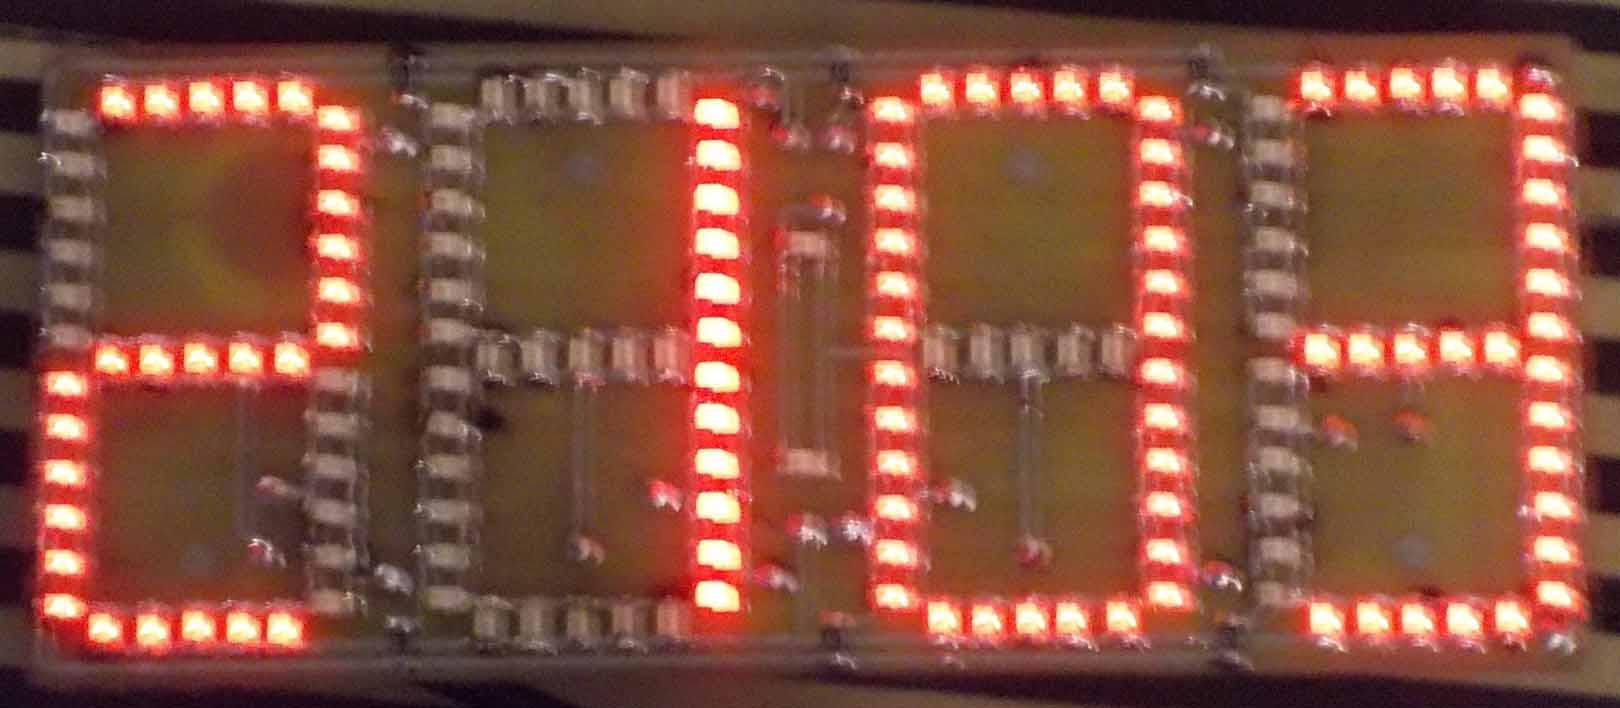 схема на микроконтроллёре pic16f73